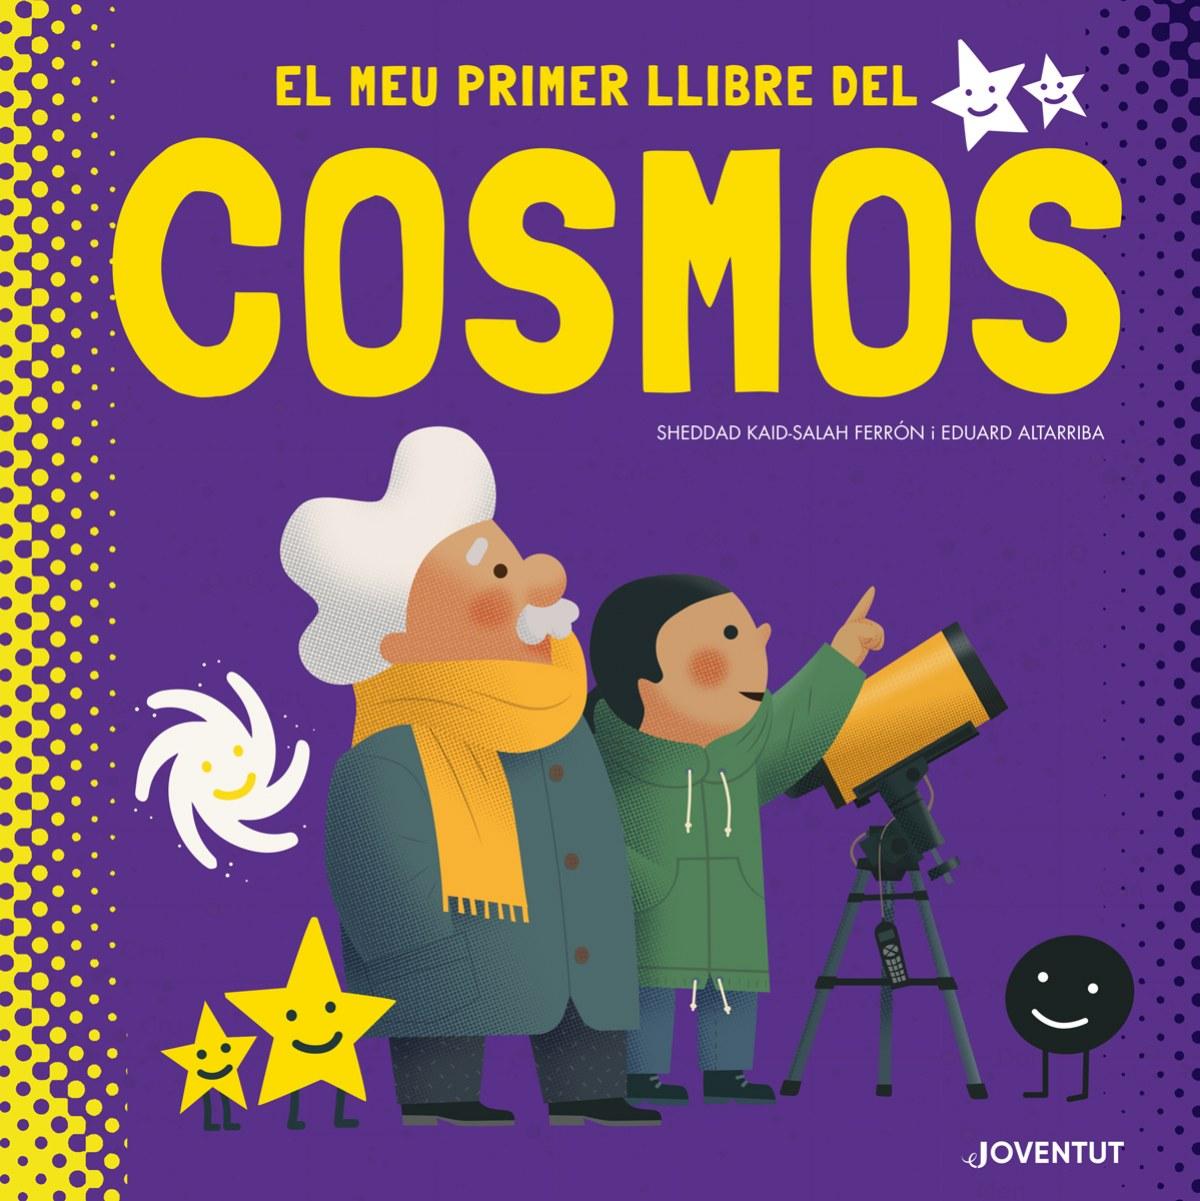 El meu primer llibre del cosmos